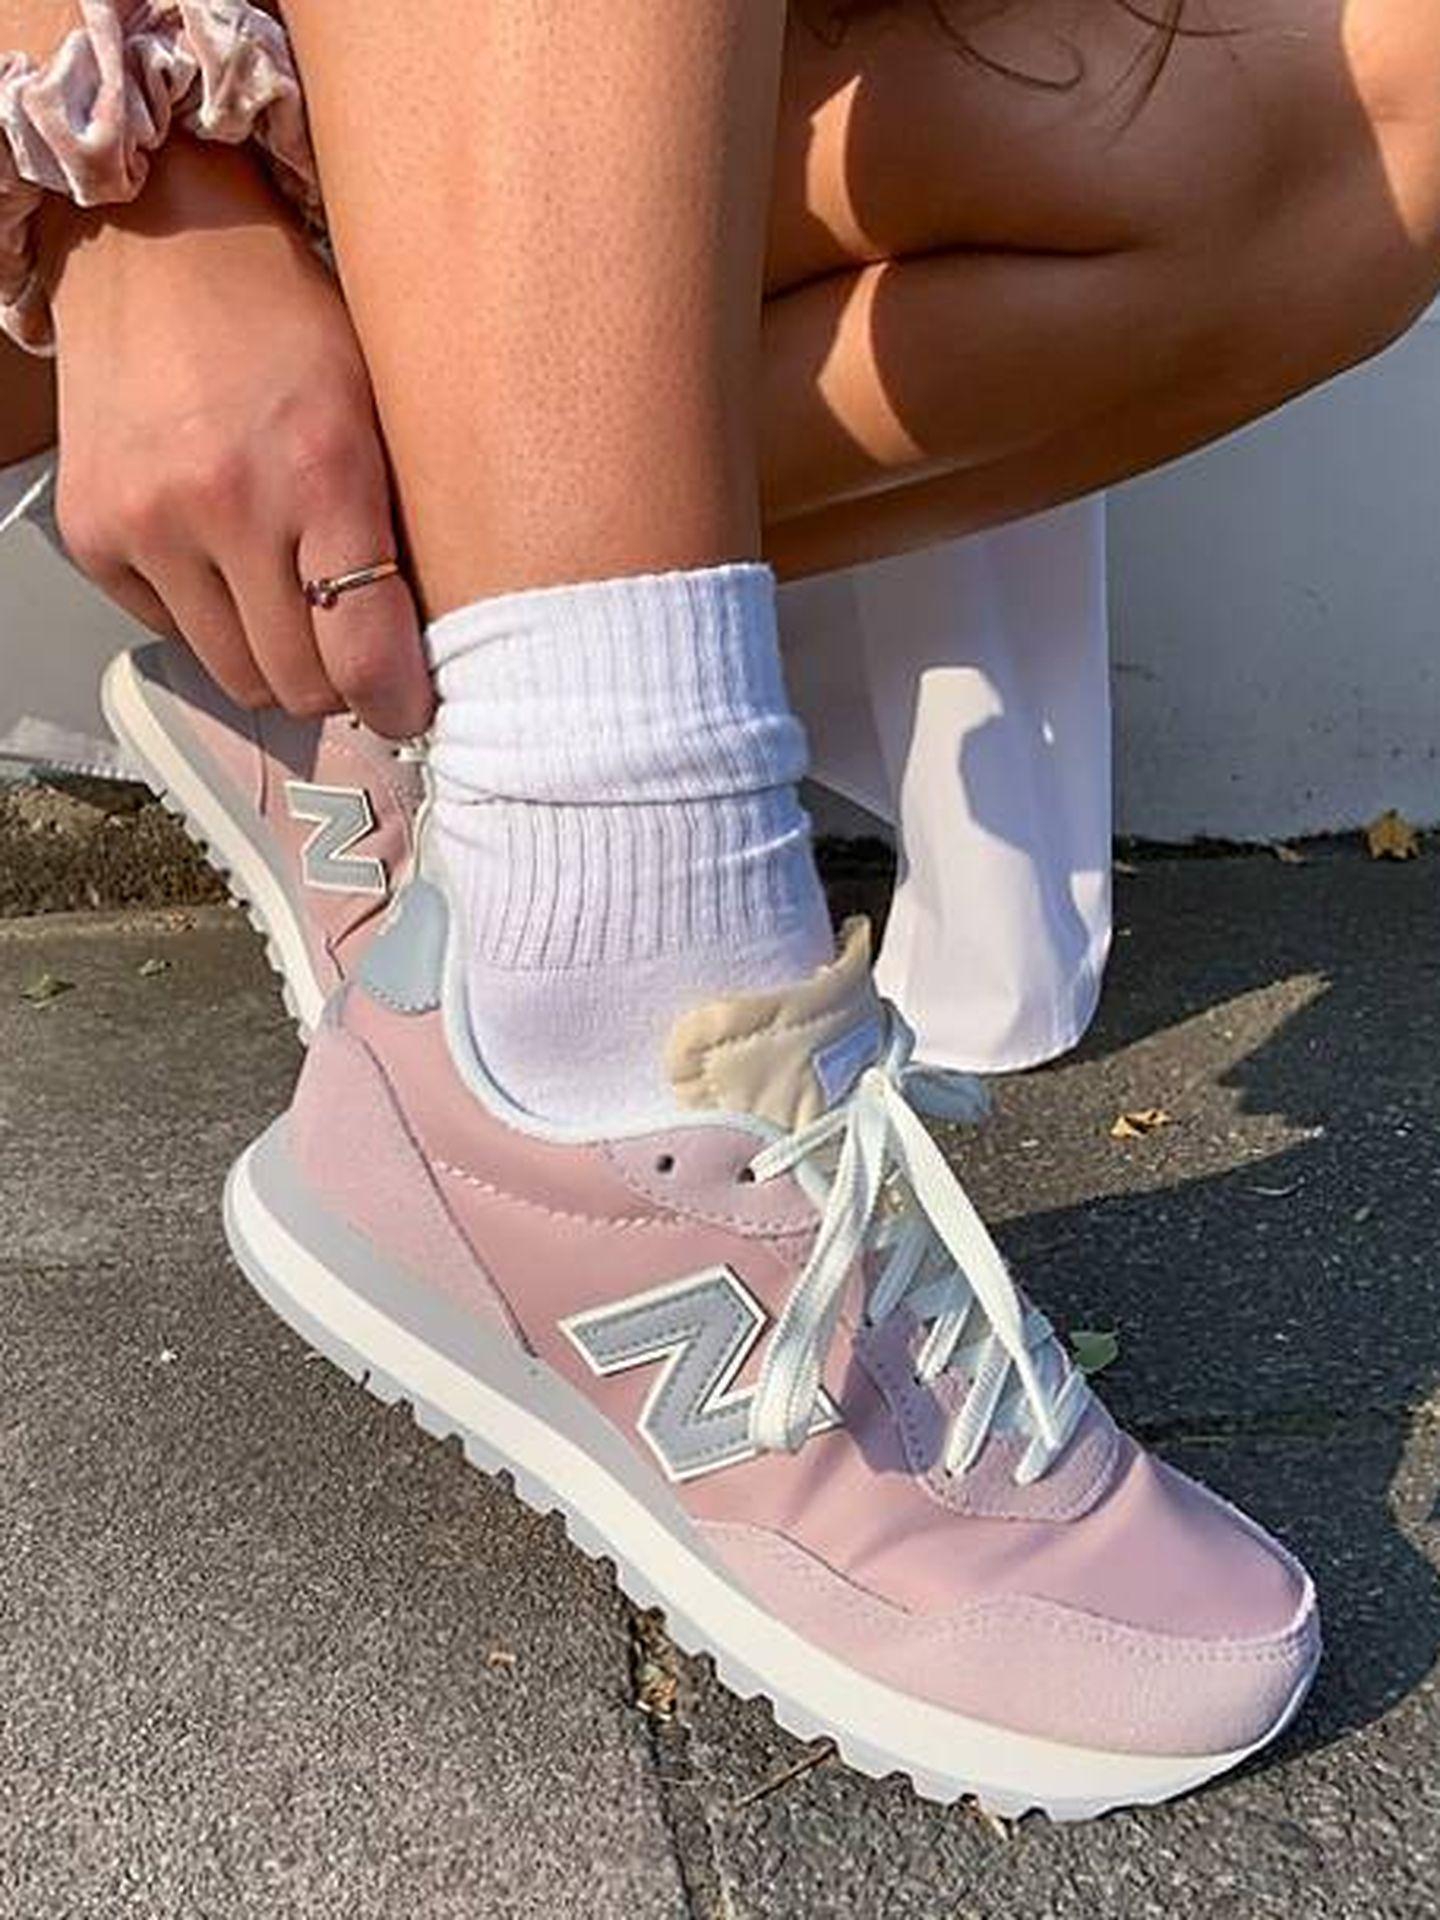 Las zapatillas deportivas de New Balance. (Cortesía)